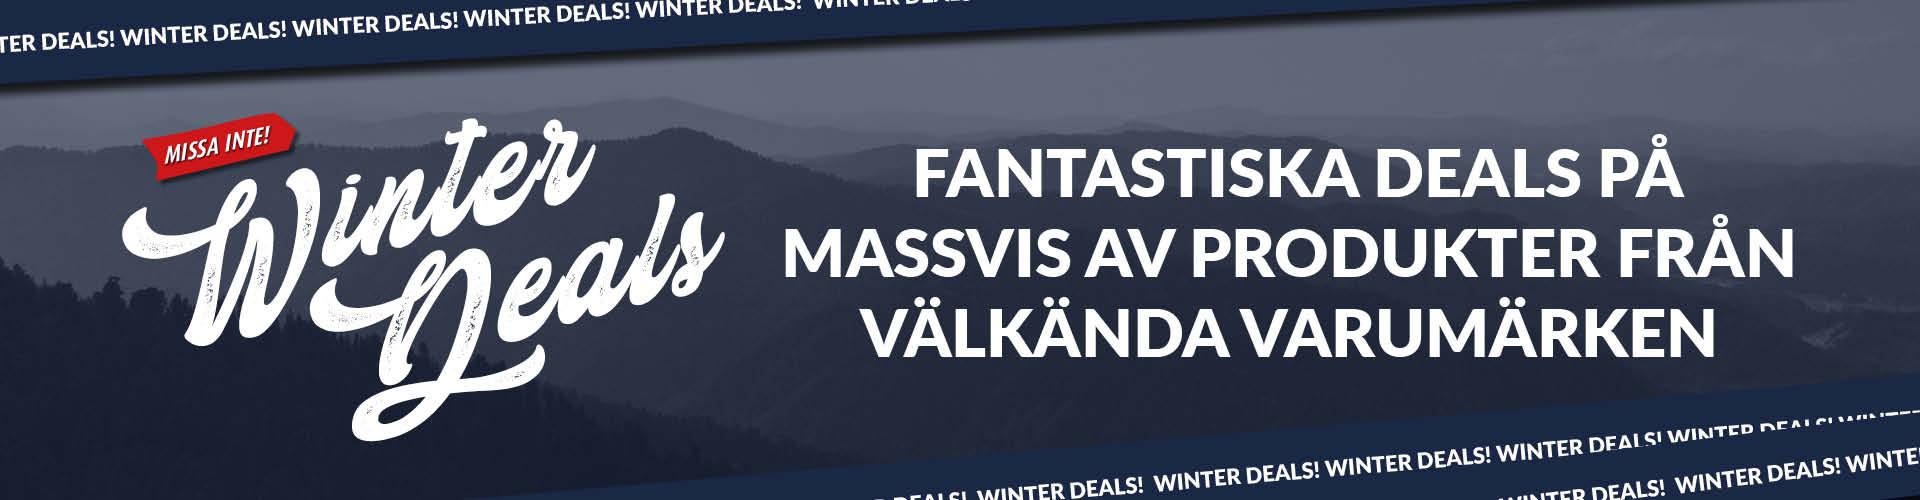 Winter Deals Torsbo.